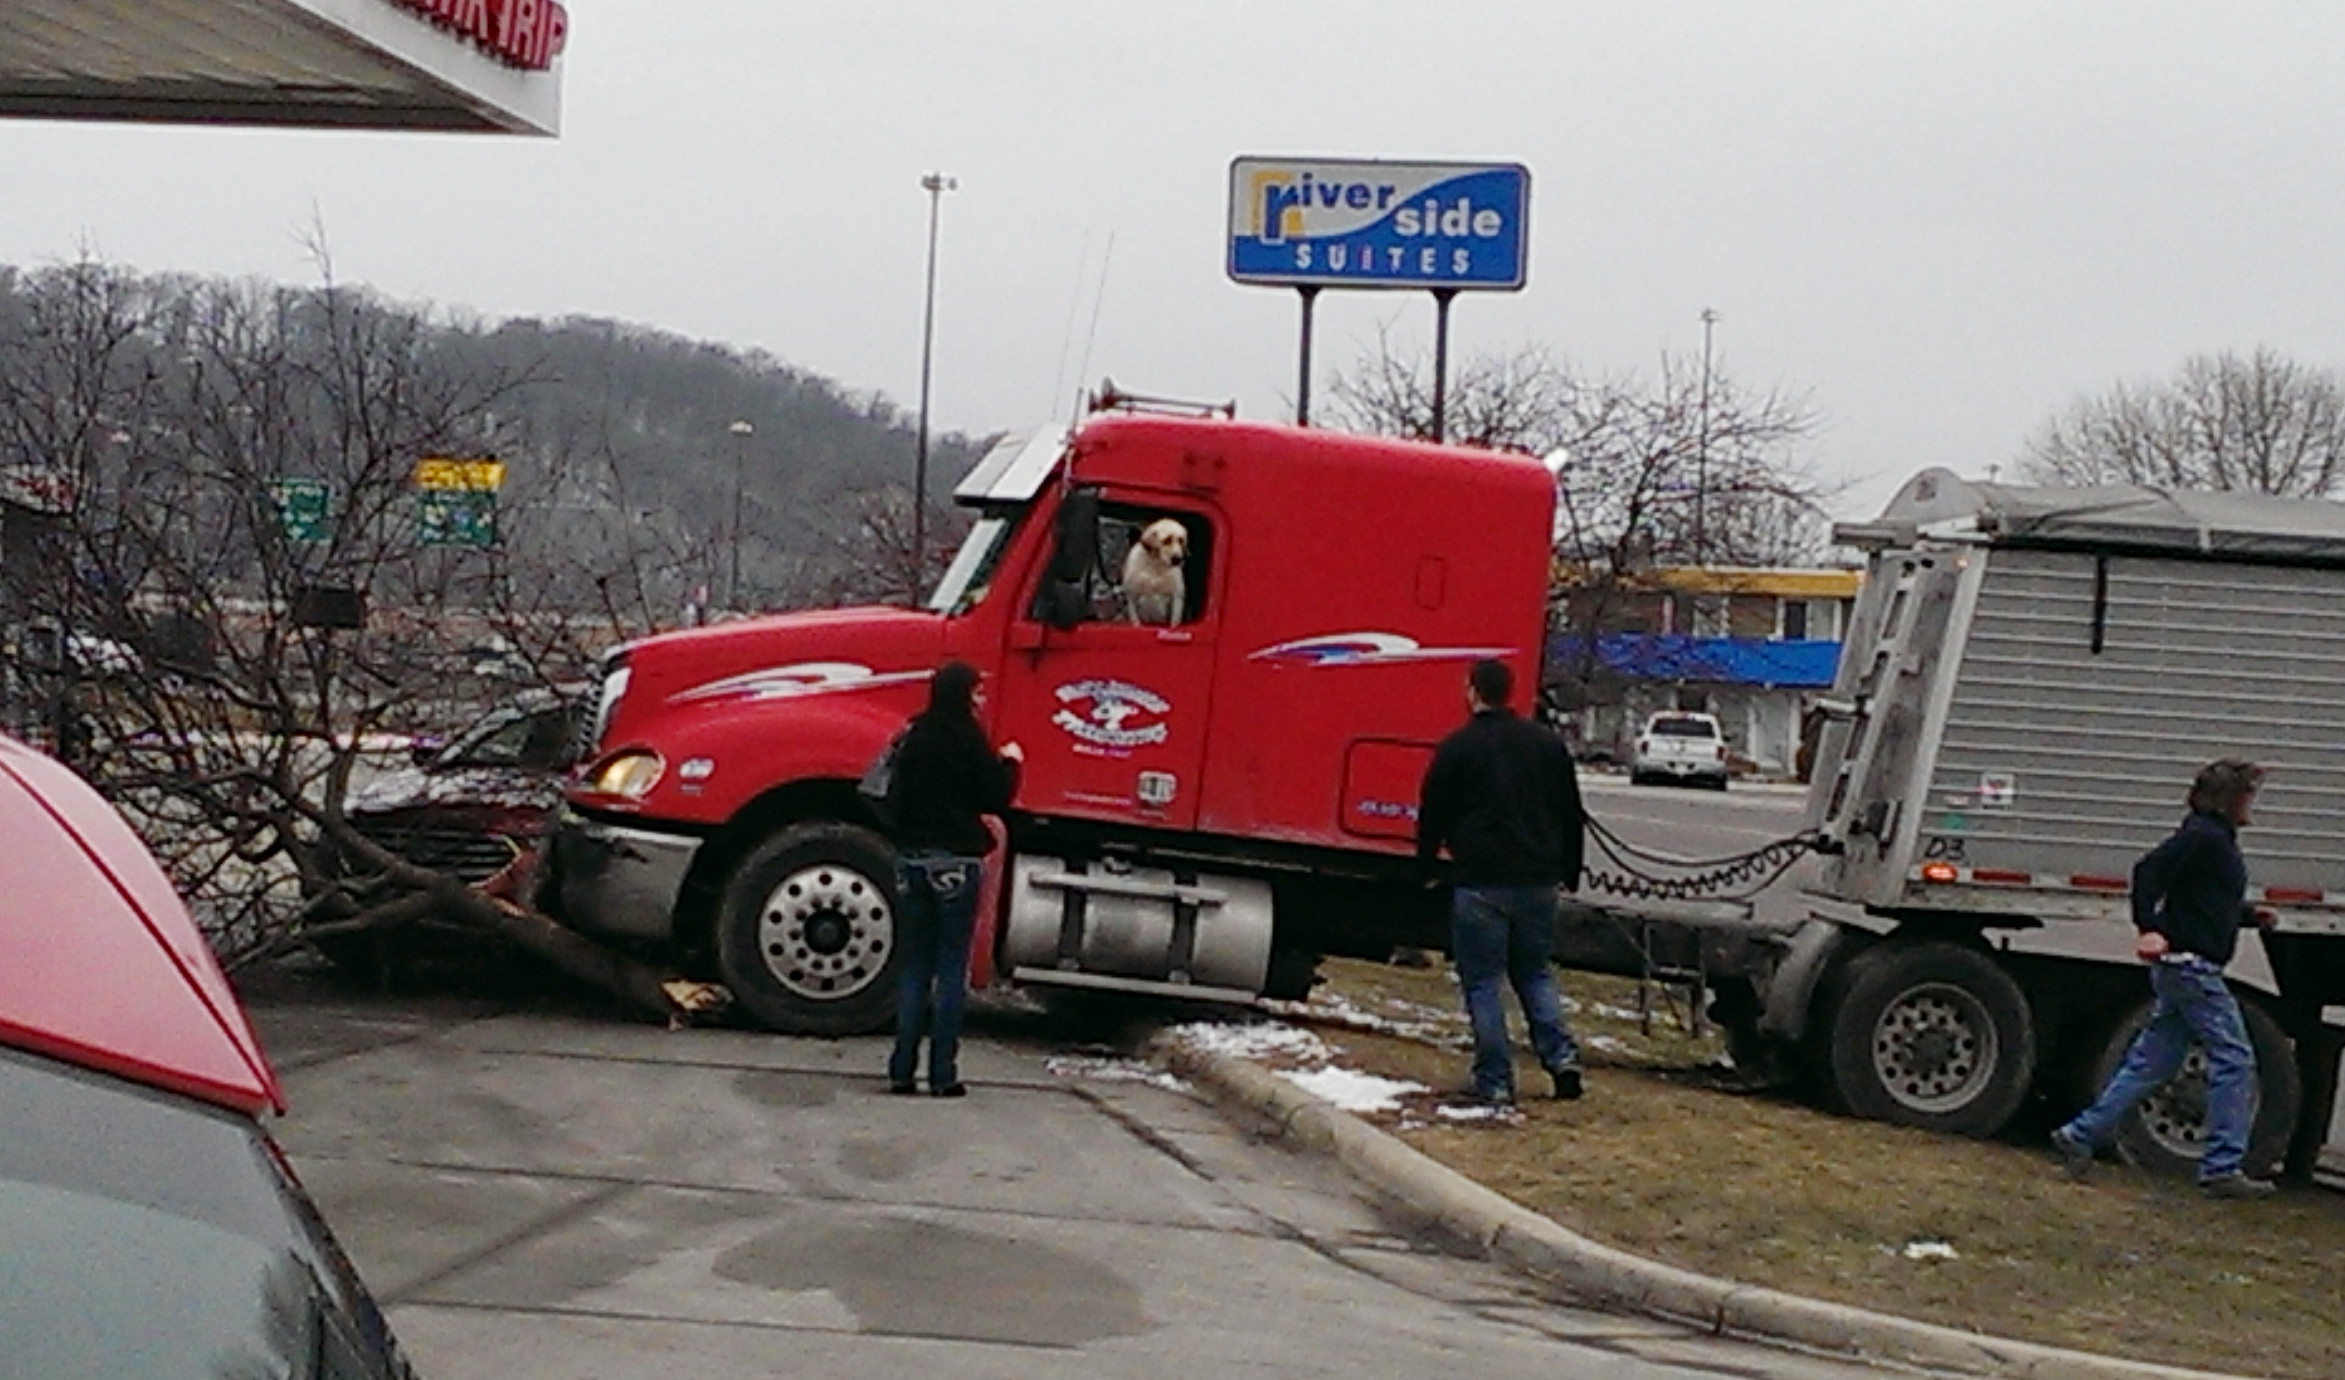 Aneh tapi nyata, seekor anjing mengemudikan truk kontainer